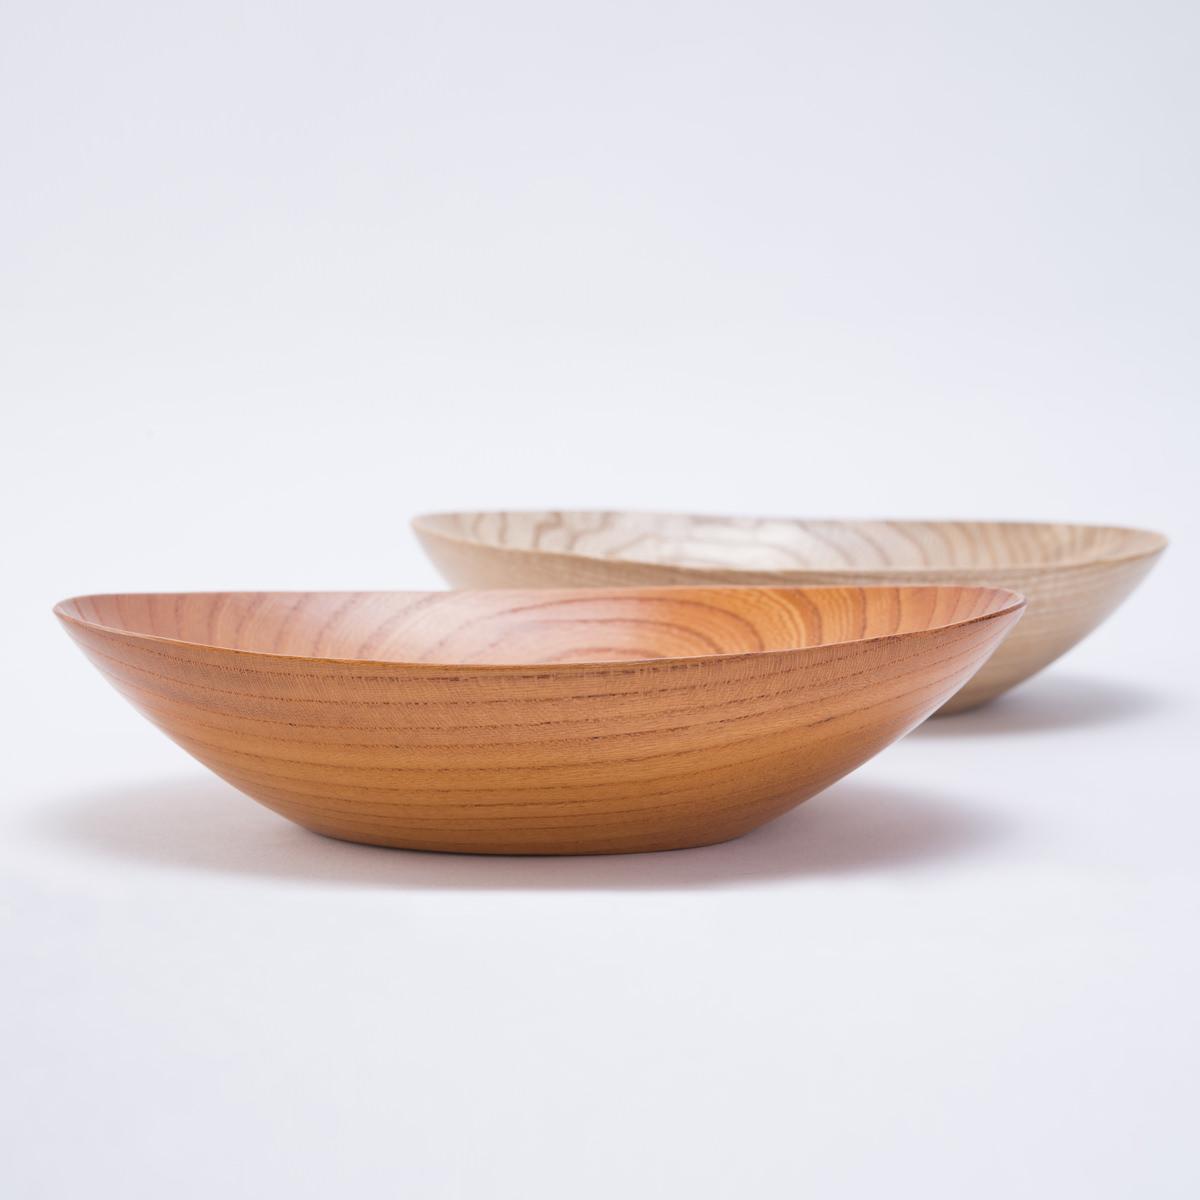 銘木工芸山匠 インテリアにもおしゃれな木の器 銘木器 中サイズ〔2枚〕